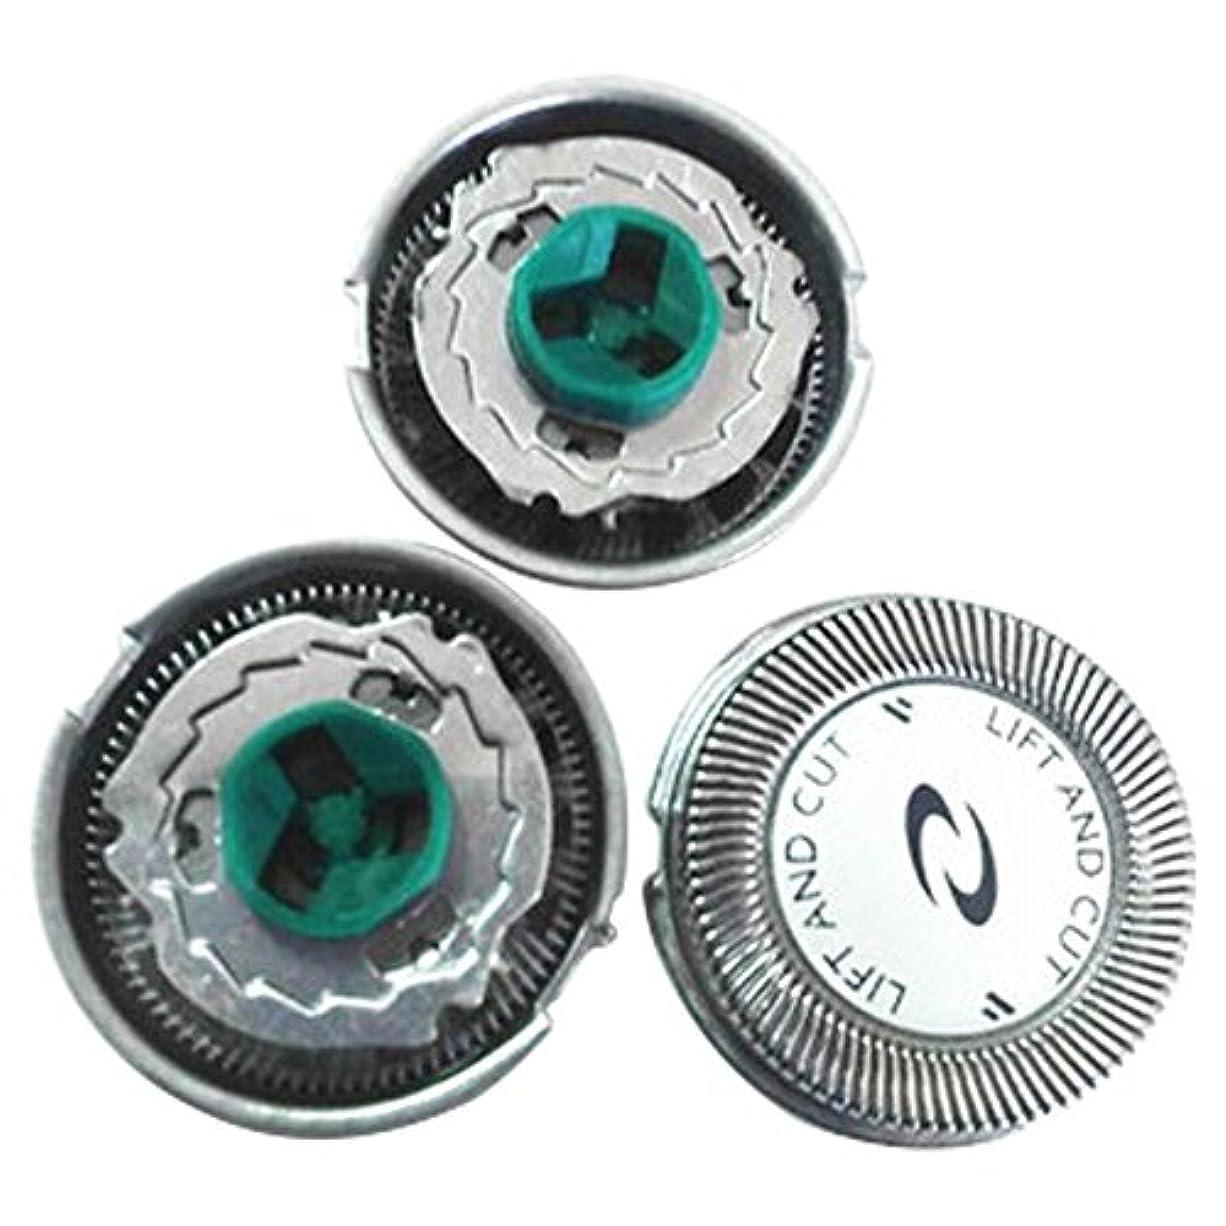 Deylaying 置換 シェーバー かみそり 頭 刃 for Philips HQ7310 PT720 PT725 HQ7140 HQ7390